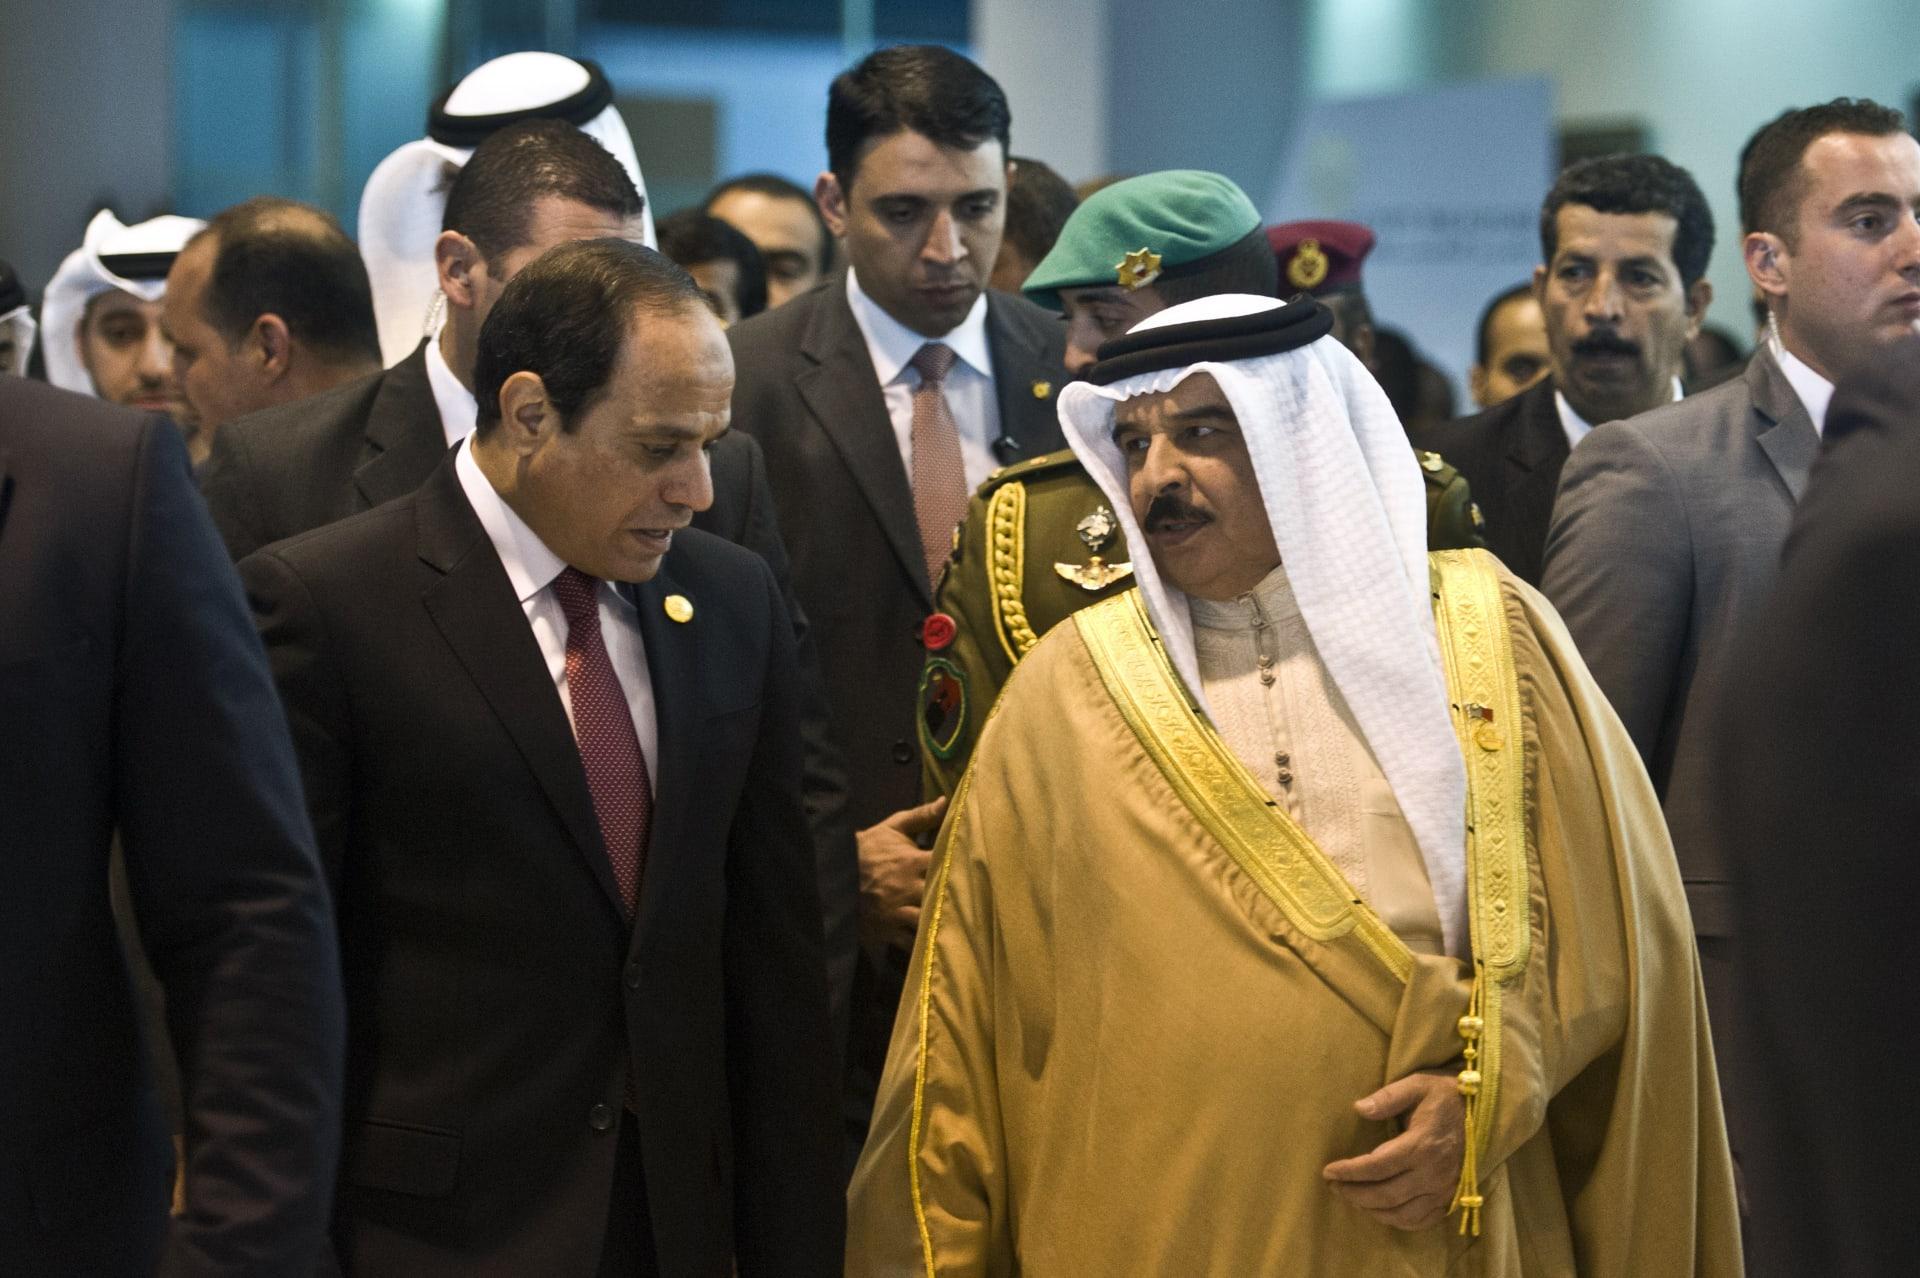 """ثالث زيارة لقائد خليجي لمصر خلال 19 يوما.. ملك البحرين إلى القاهرة لـ""""دعم التعاون الثنائي"""""""